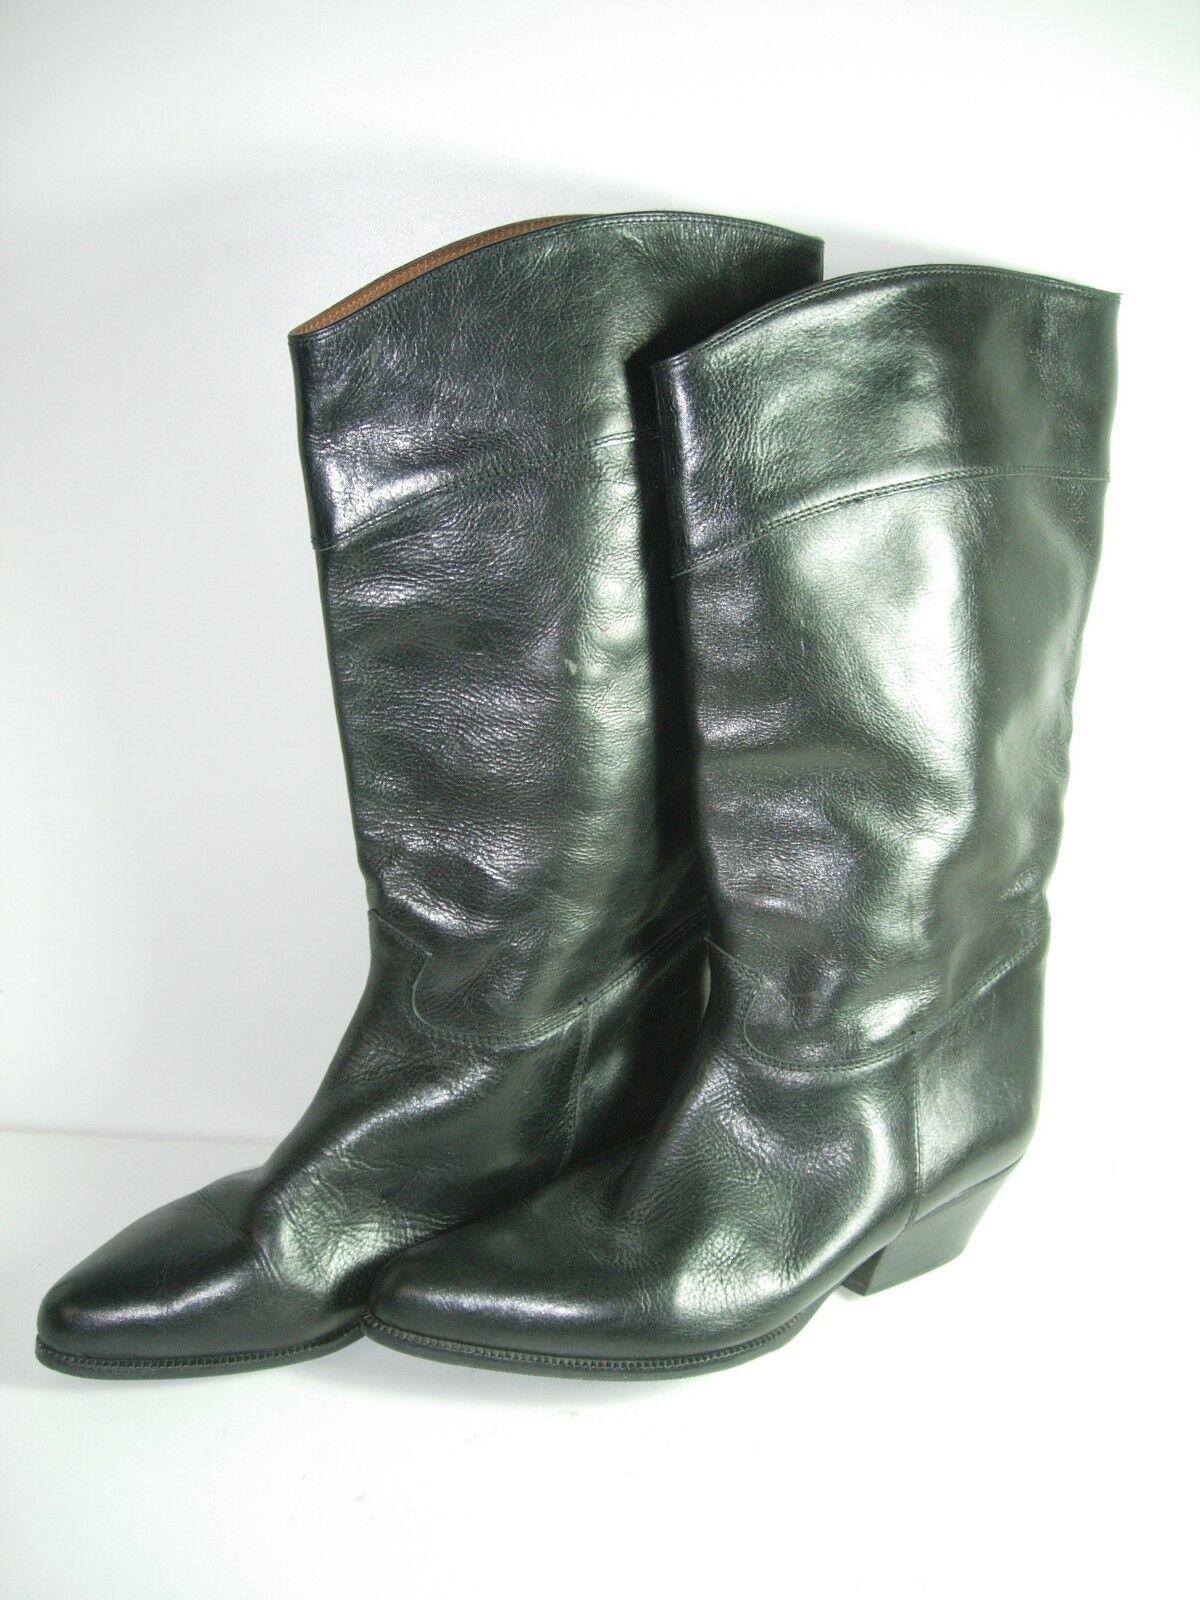 WOMEns nero leather WESTERN COWBOY CALF ALTI  avvio HEELS SHOHE Dimensione 9.5 M  la migliore moda